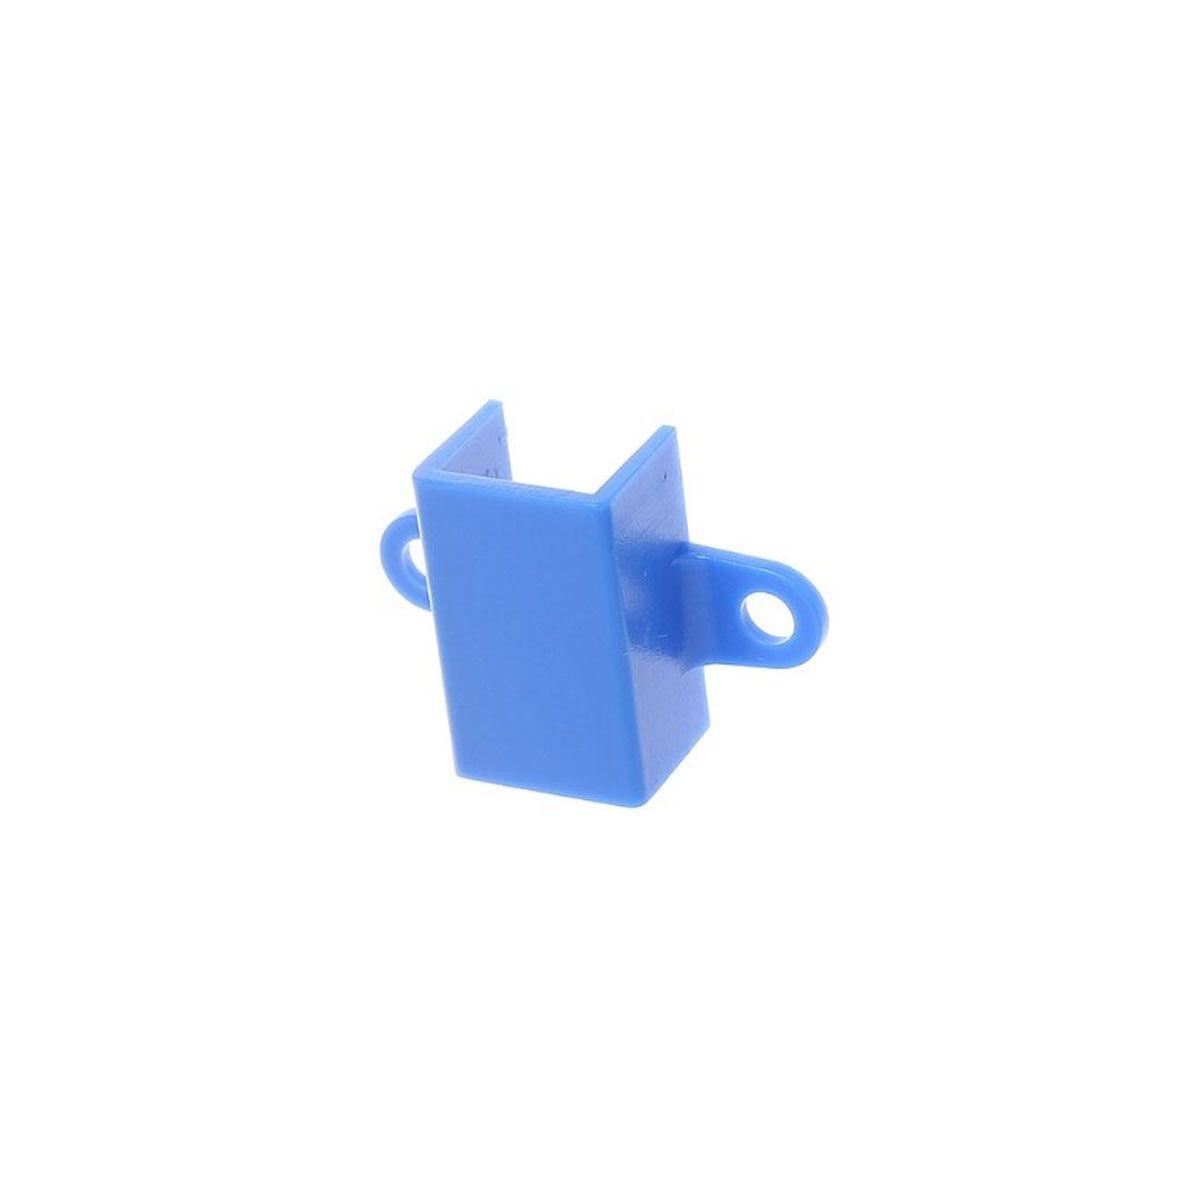 Suporte Plástico para Motor N20 - Cor Azul